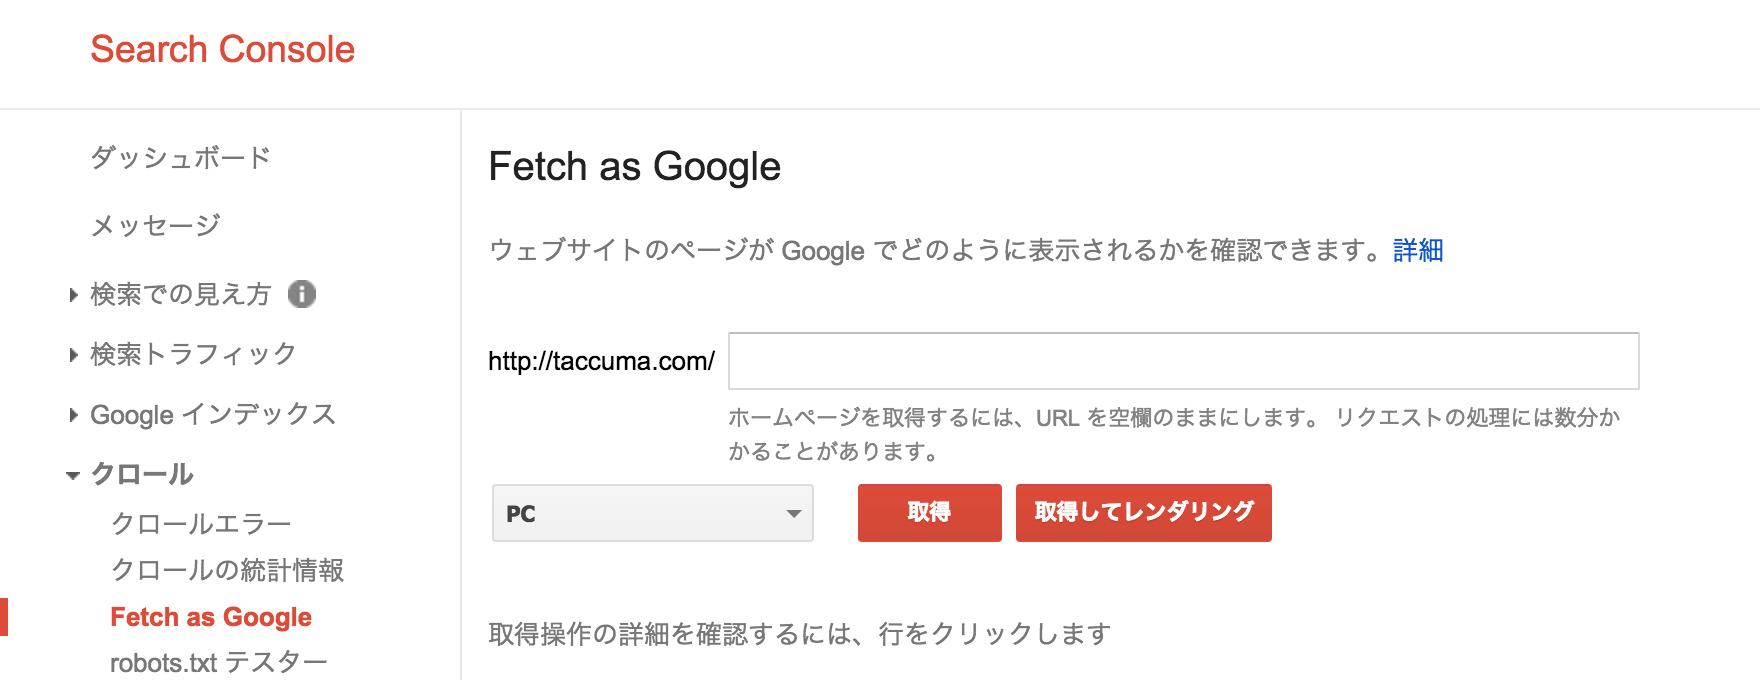 googleのモバイル検索上で スマホ対応 が表示されないときの対処法